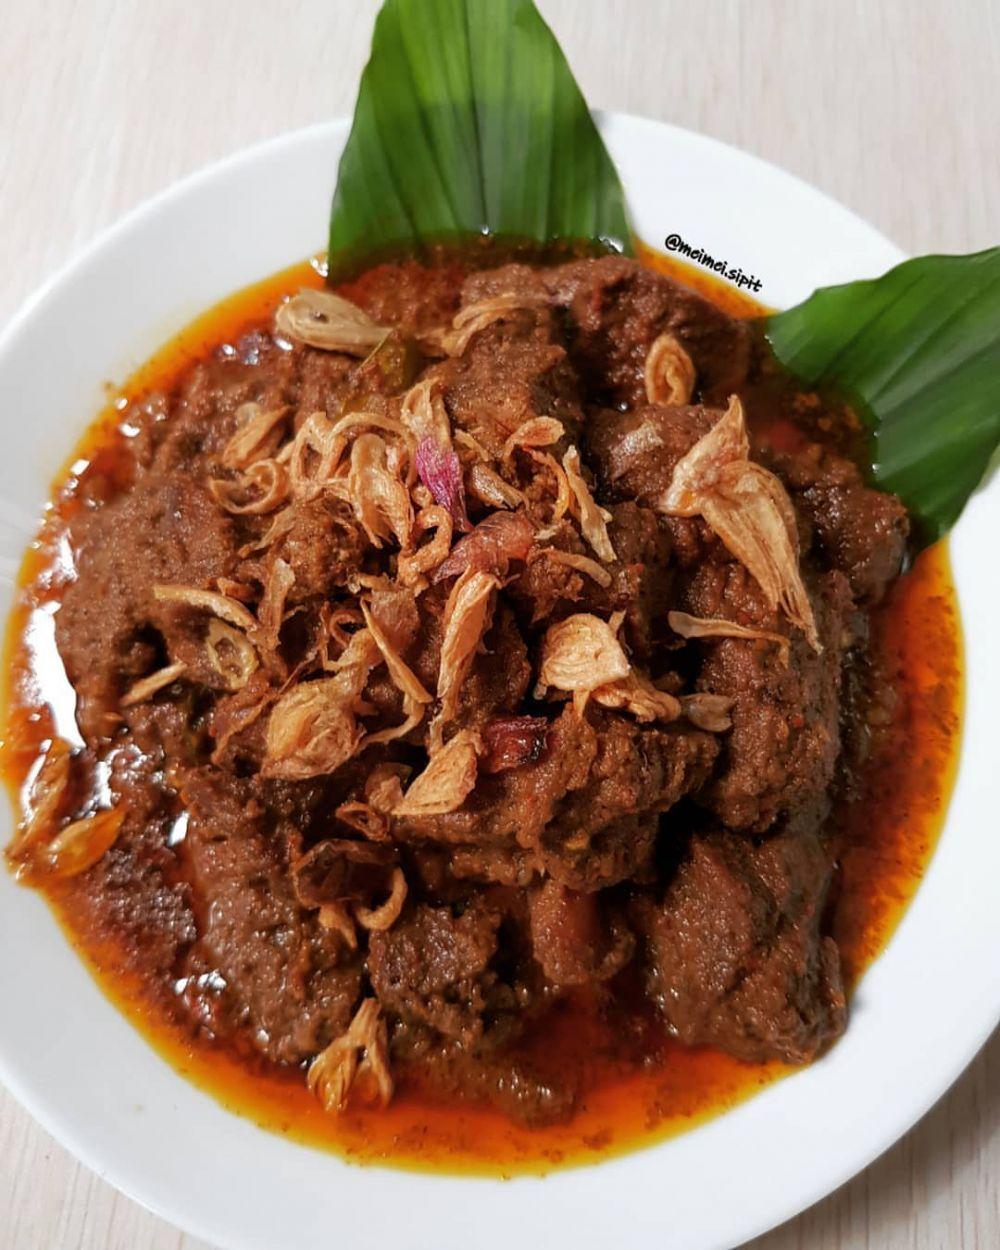 18 Resep Masakan Daging Sapi Enak Sederhana Mudah Dibuat Instagram Resepdaging Resep Idemasak Id Resep Masakan Masakan Resep Daging Sapi